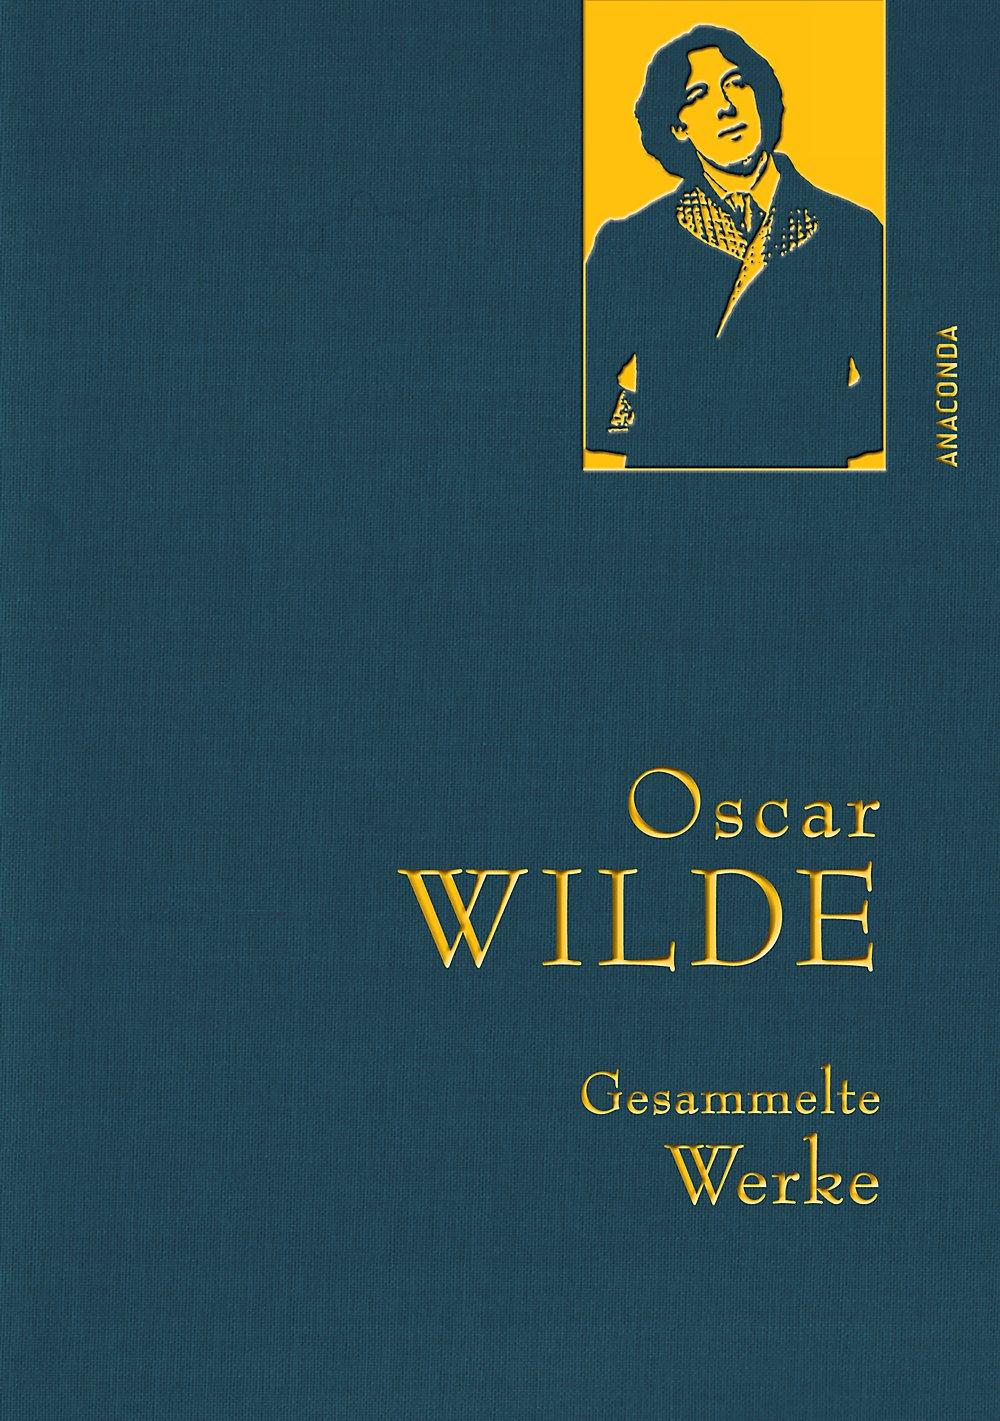 Gesammelte Werke Buch von Oscar Wilde bei Weltbild.de bestellen